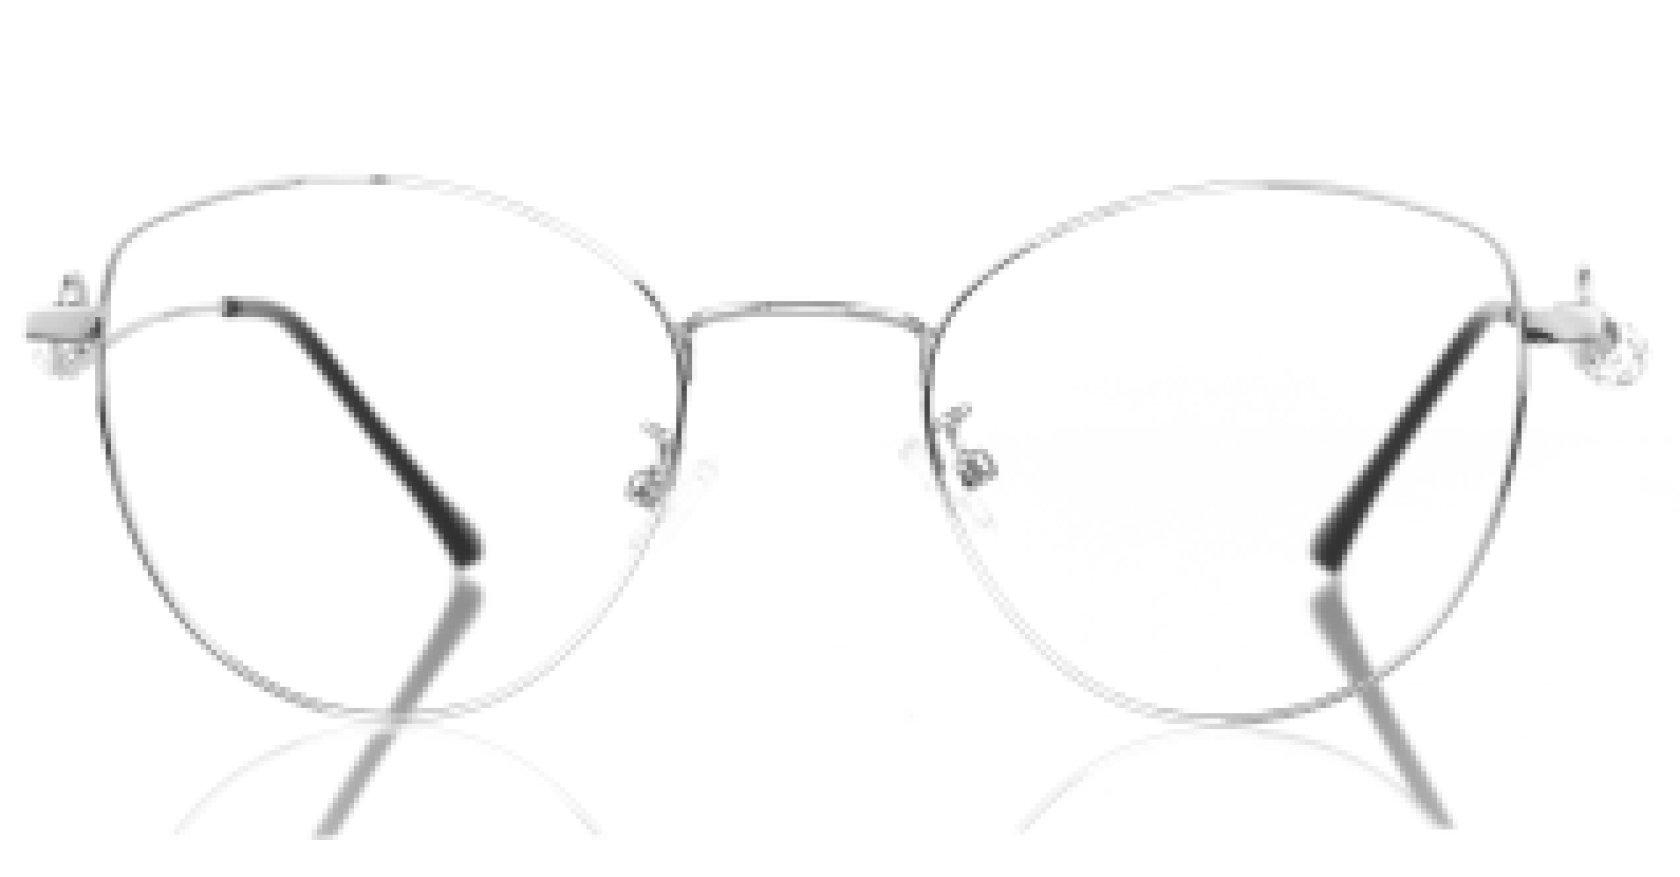 imagen miniatura frontal de la referencia 1002601